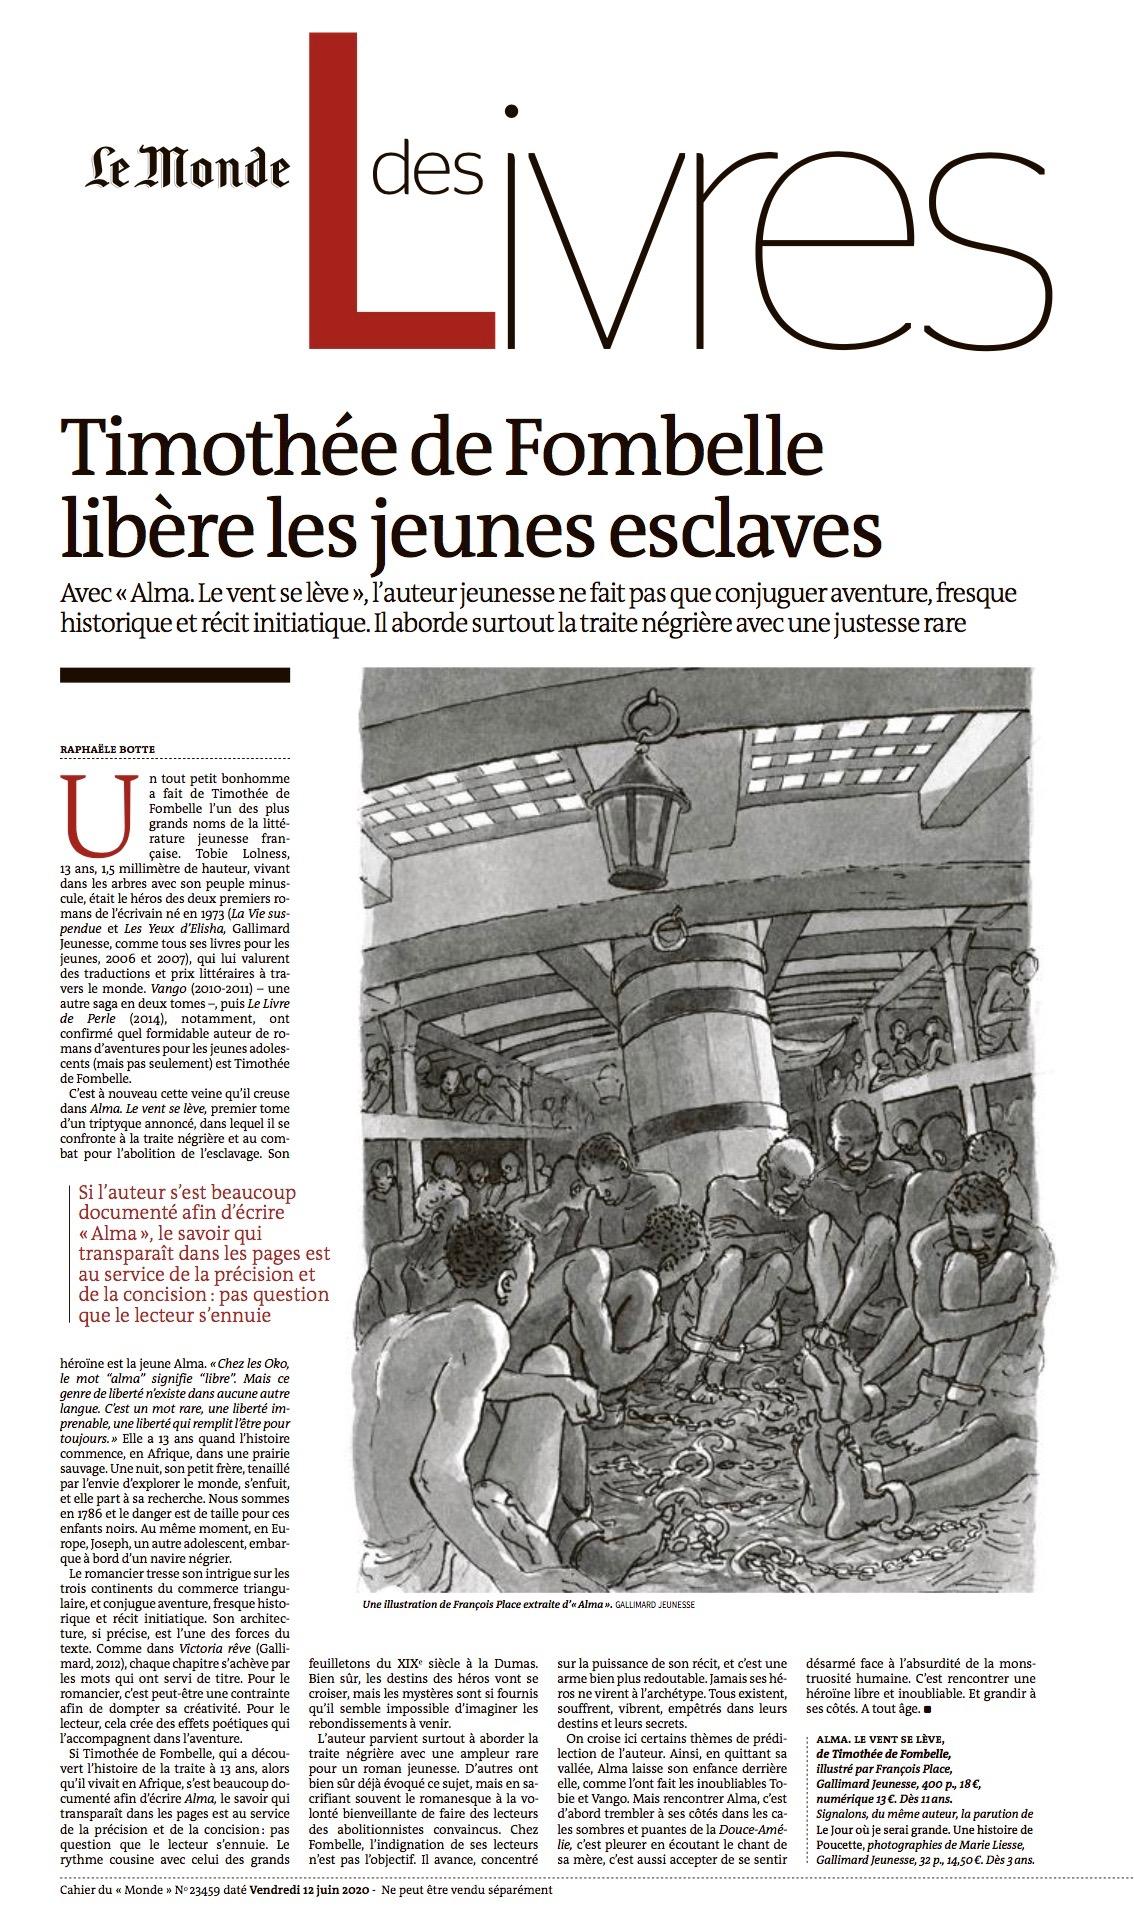 Blog Histoire Geo Page 42 D Un Cote Alexandre Dumas De L Autre Jules Verne Michel Tournier